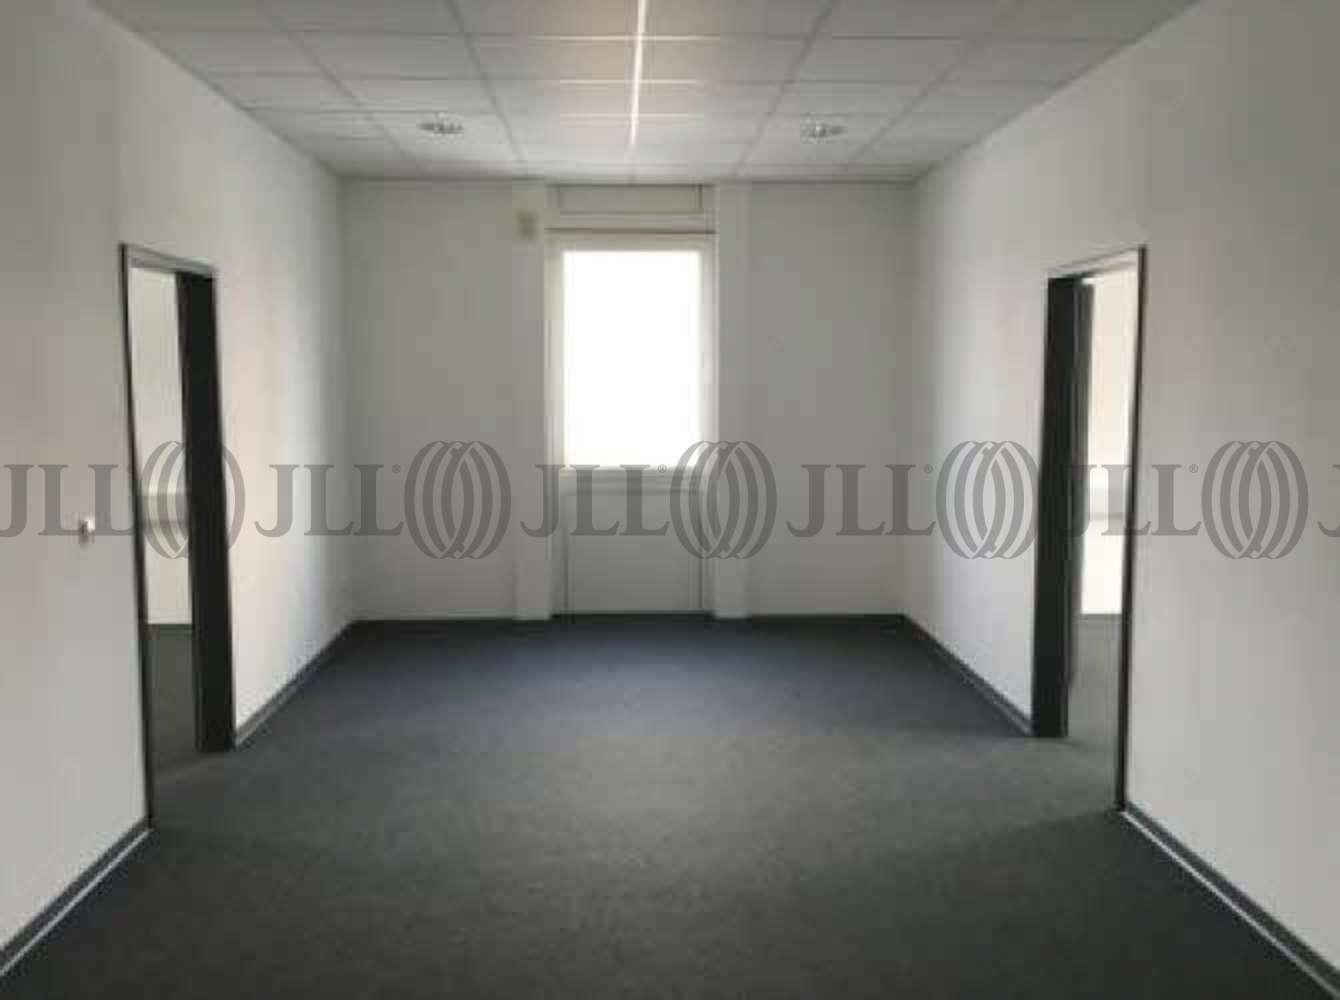 Büros Langenhagen, 30855 - Büro - Langenhagen, Godshorn - H1079 - 9410526